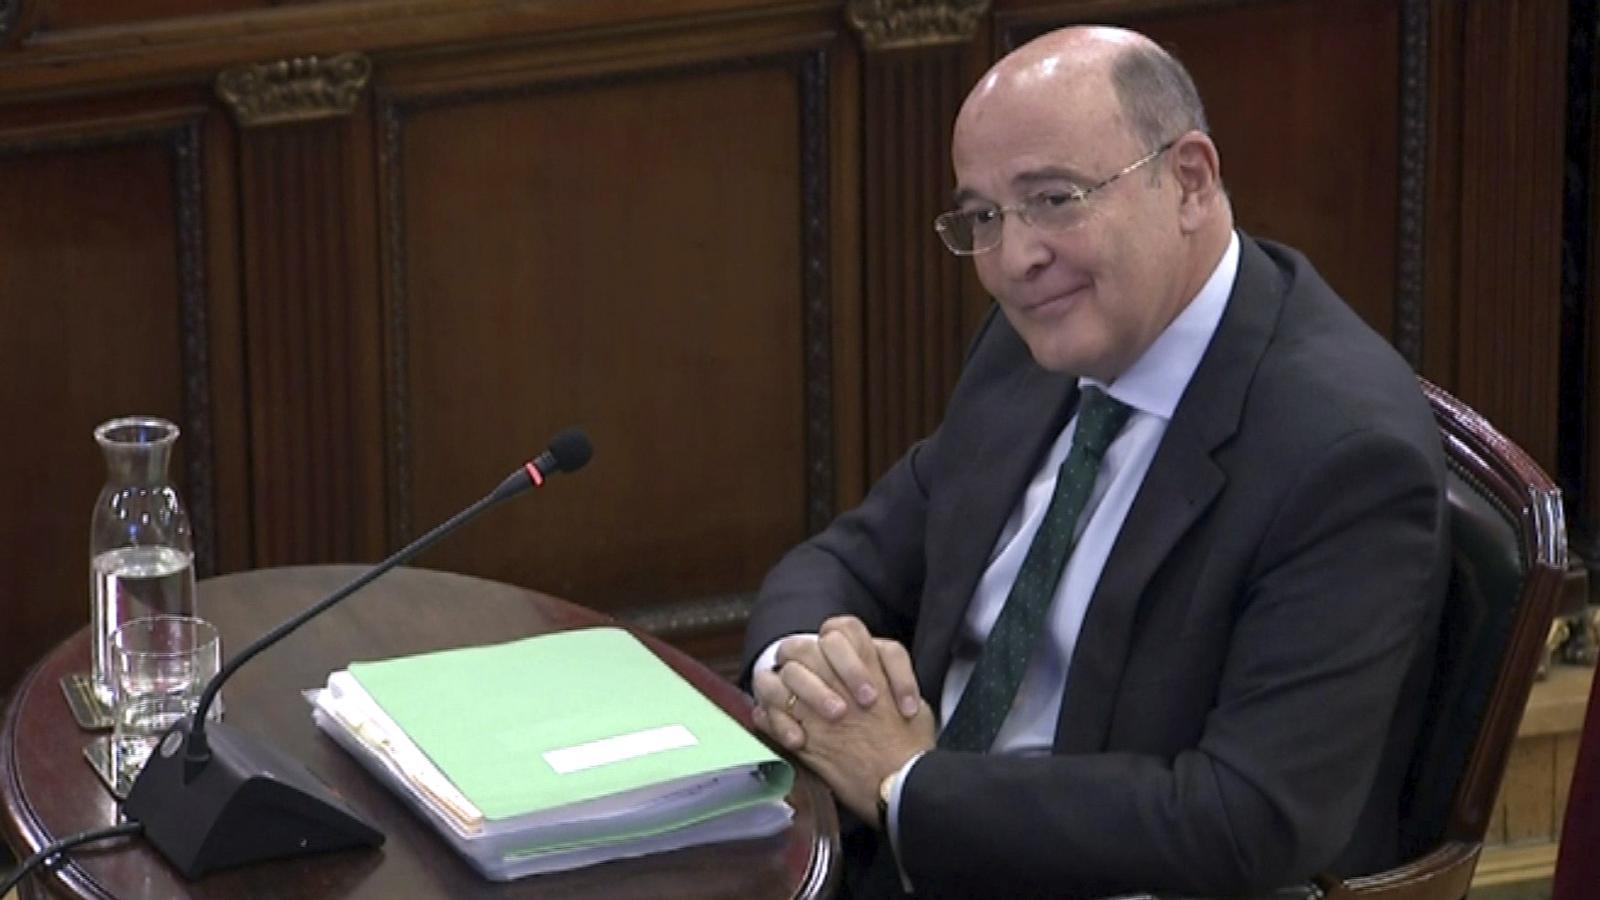 L'anàlisi d'Antoni Bassas: 'Pérez de los Cobos i la confiança de l'Estat'